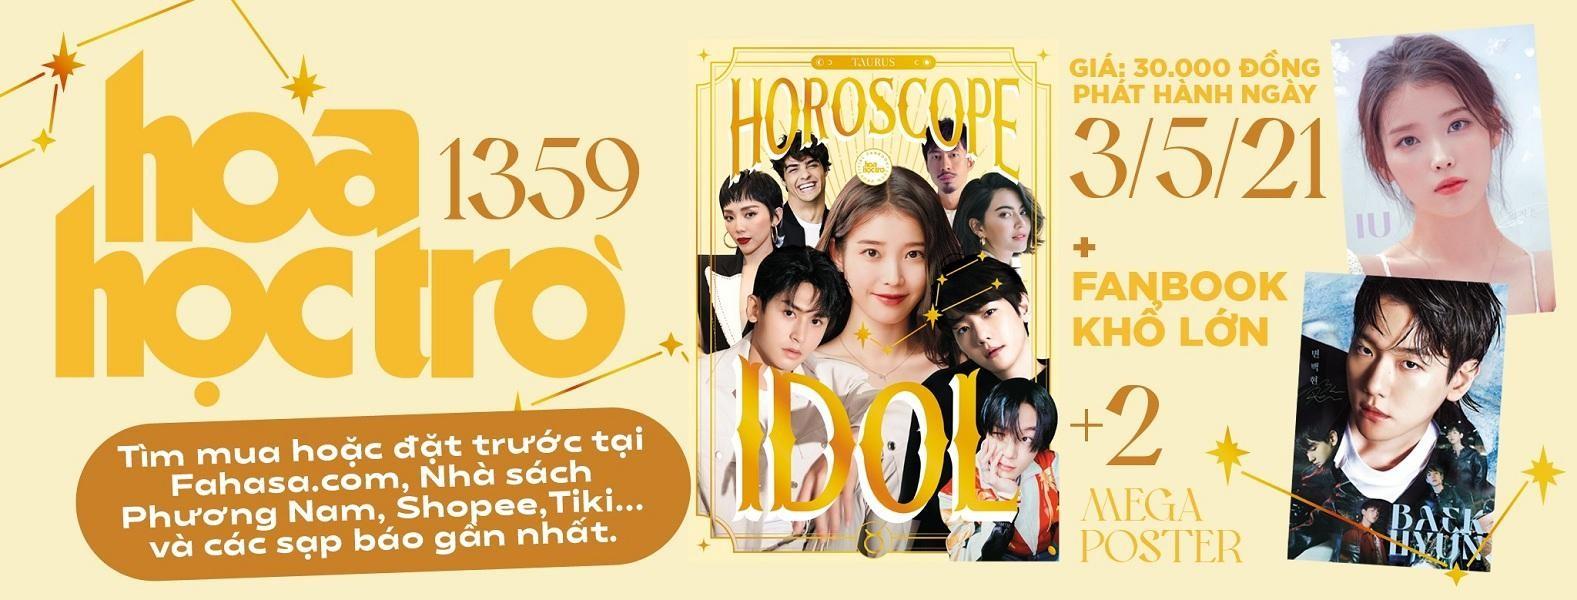 Top 8 idol sở hữu đôi mắt biếc đẹp mê hồn: V (BTS) xếp hạng nhất, sao nữ có những ai? ảnh 11